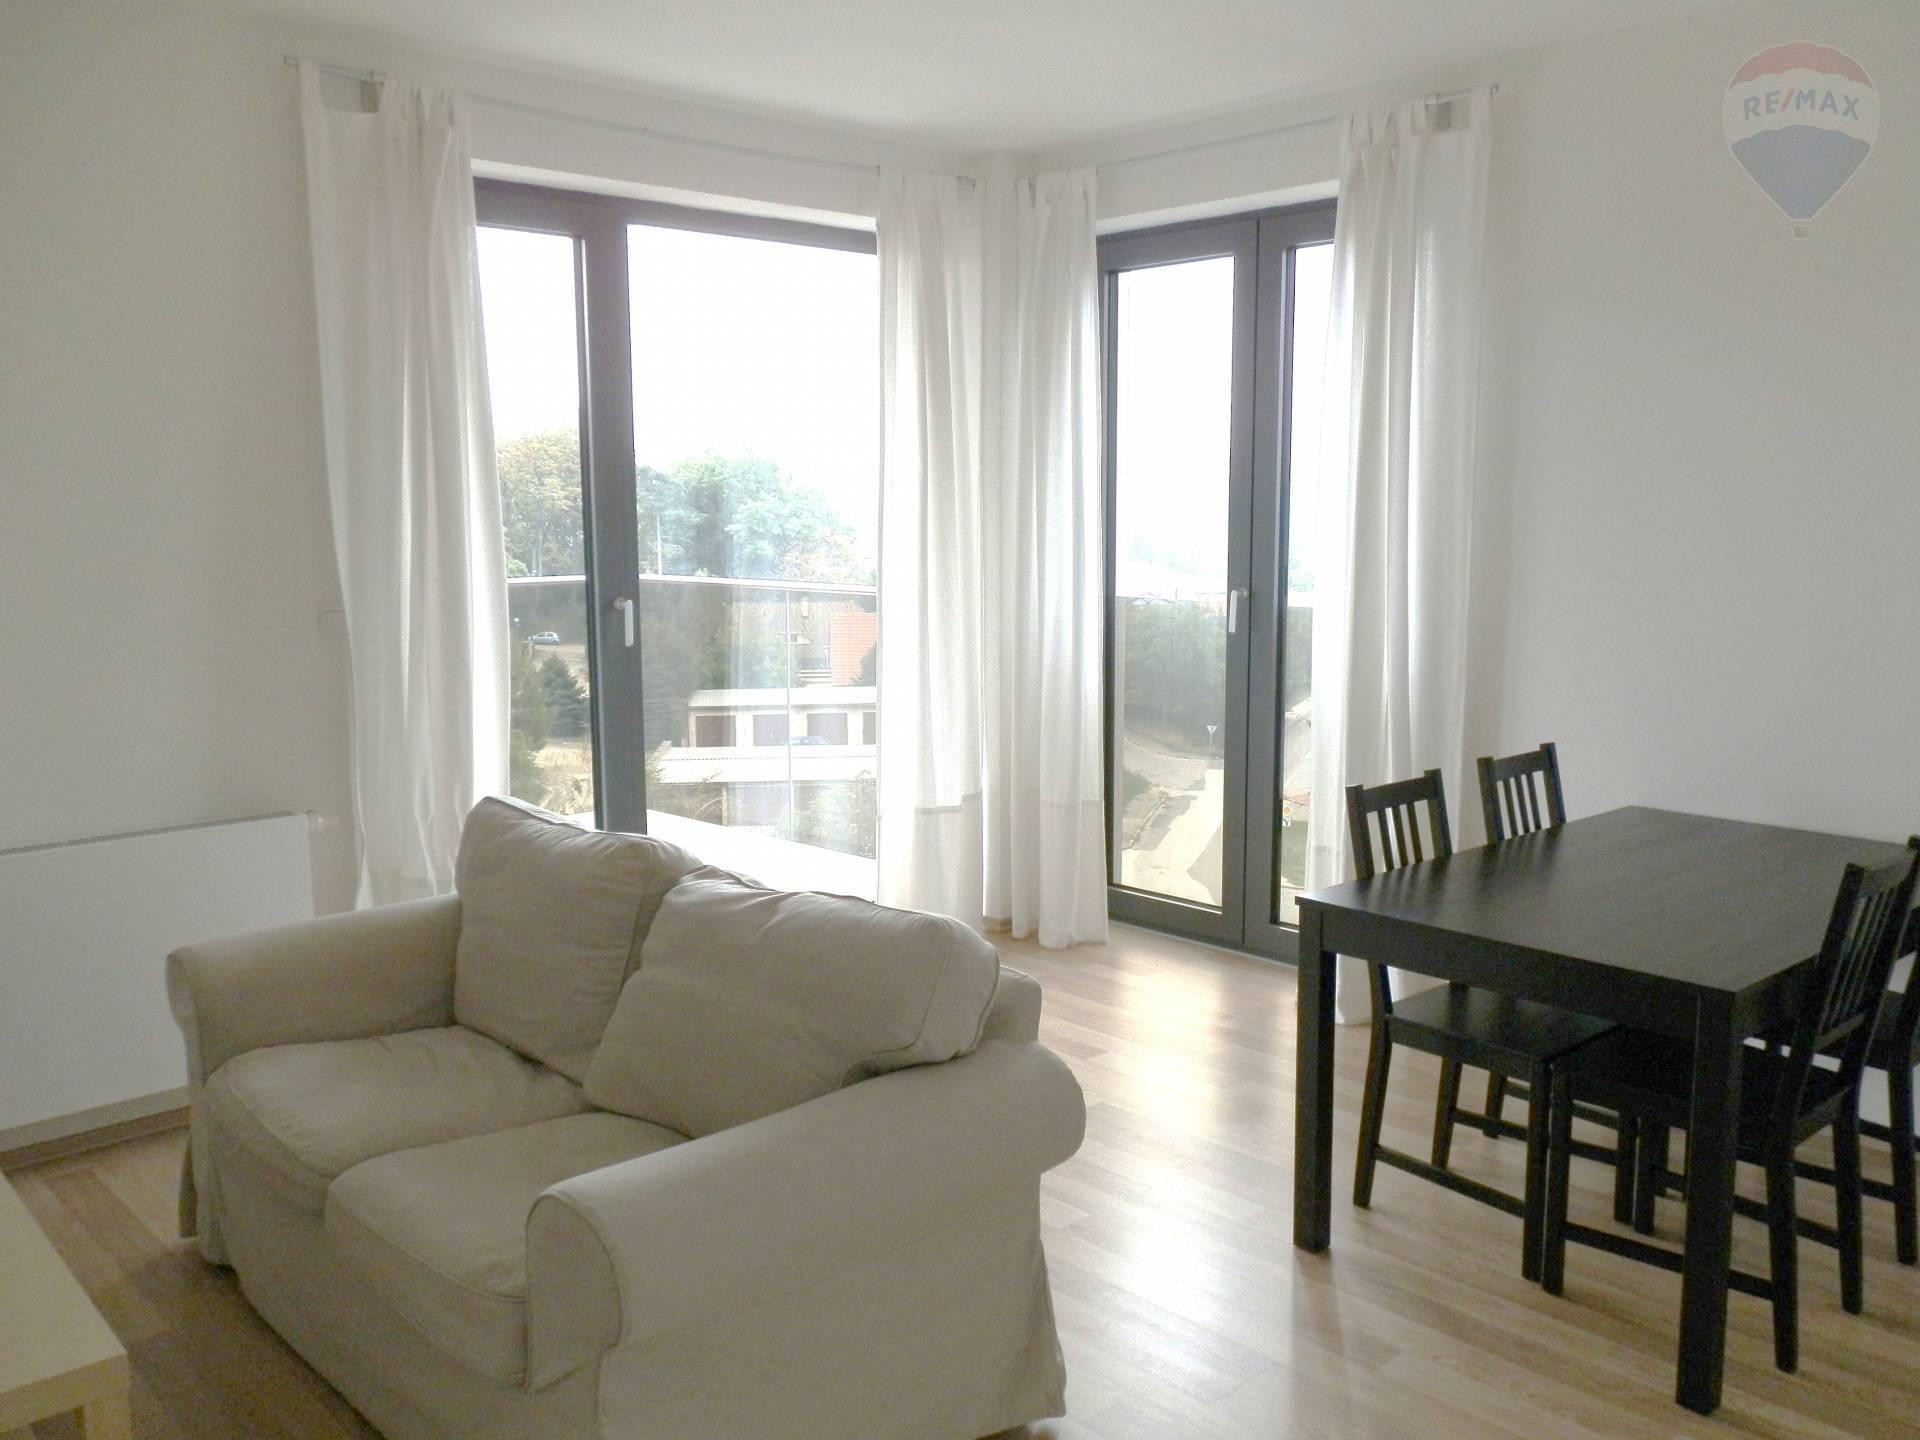 Prenájom novostavba 2 izbový zariadený byt Nitra s garážovým státím